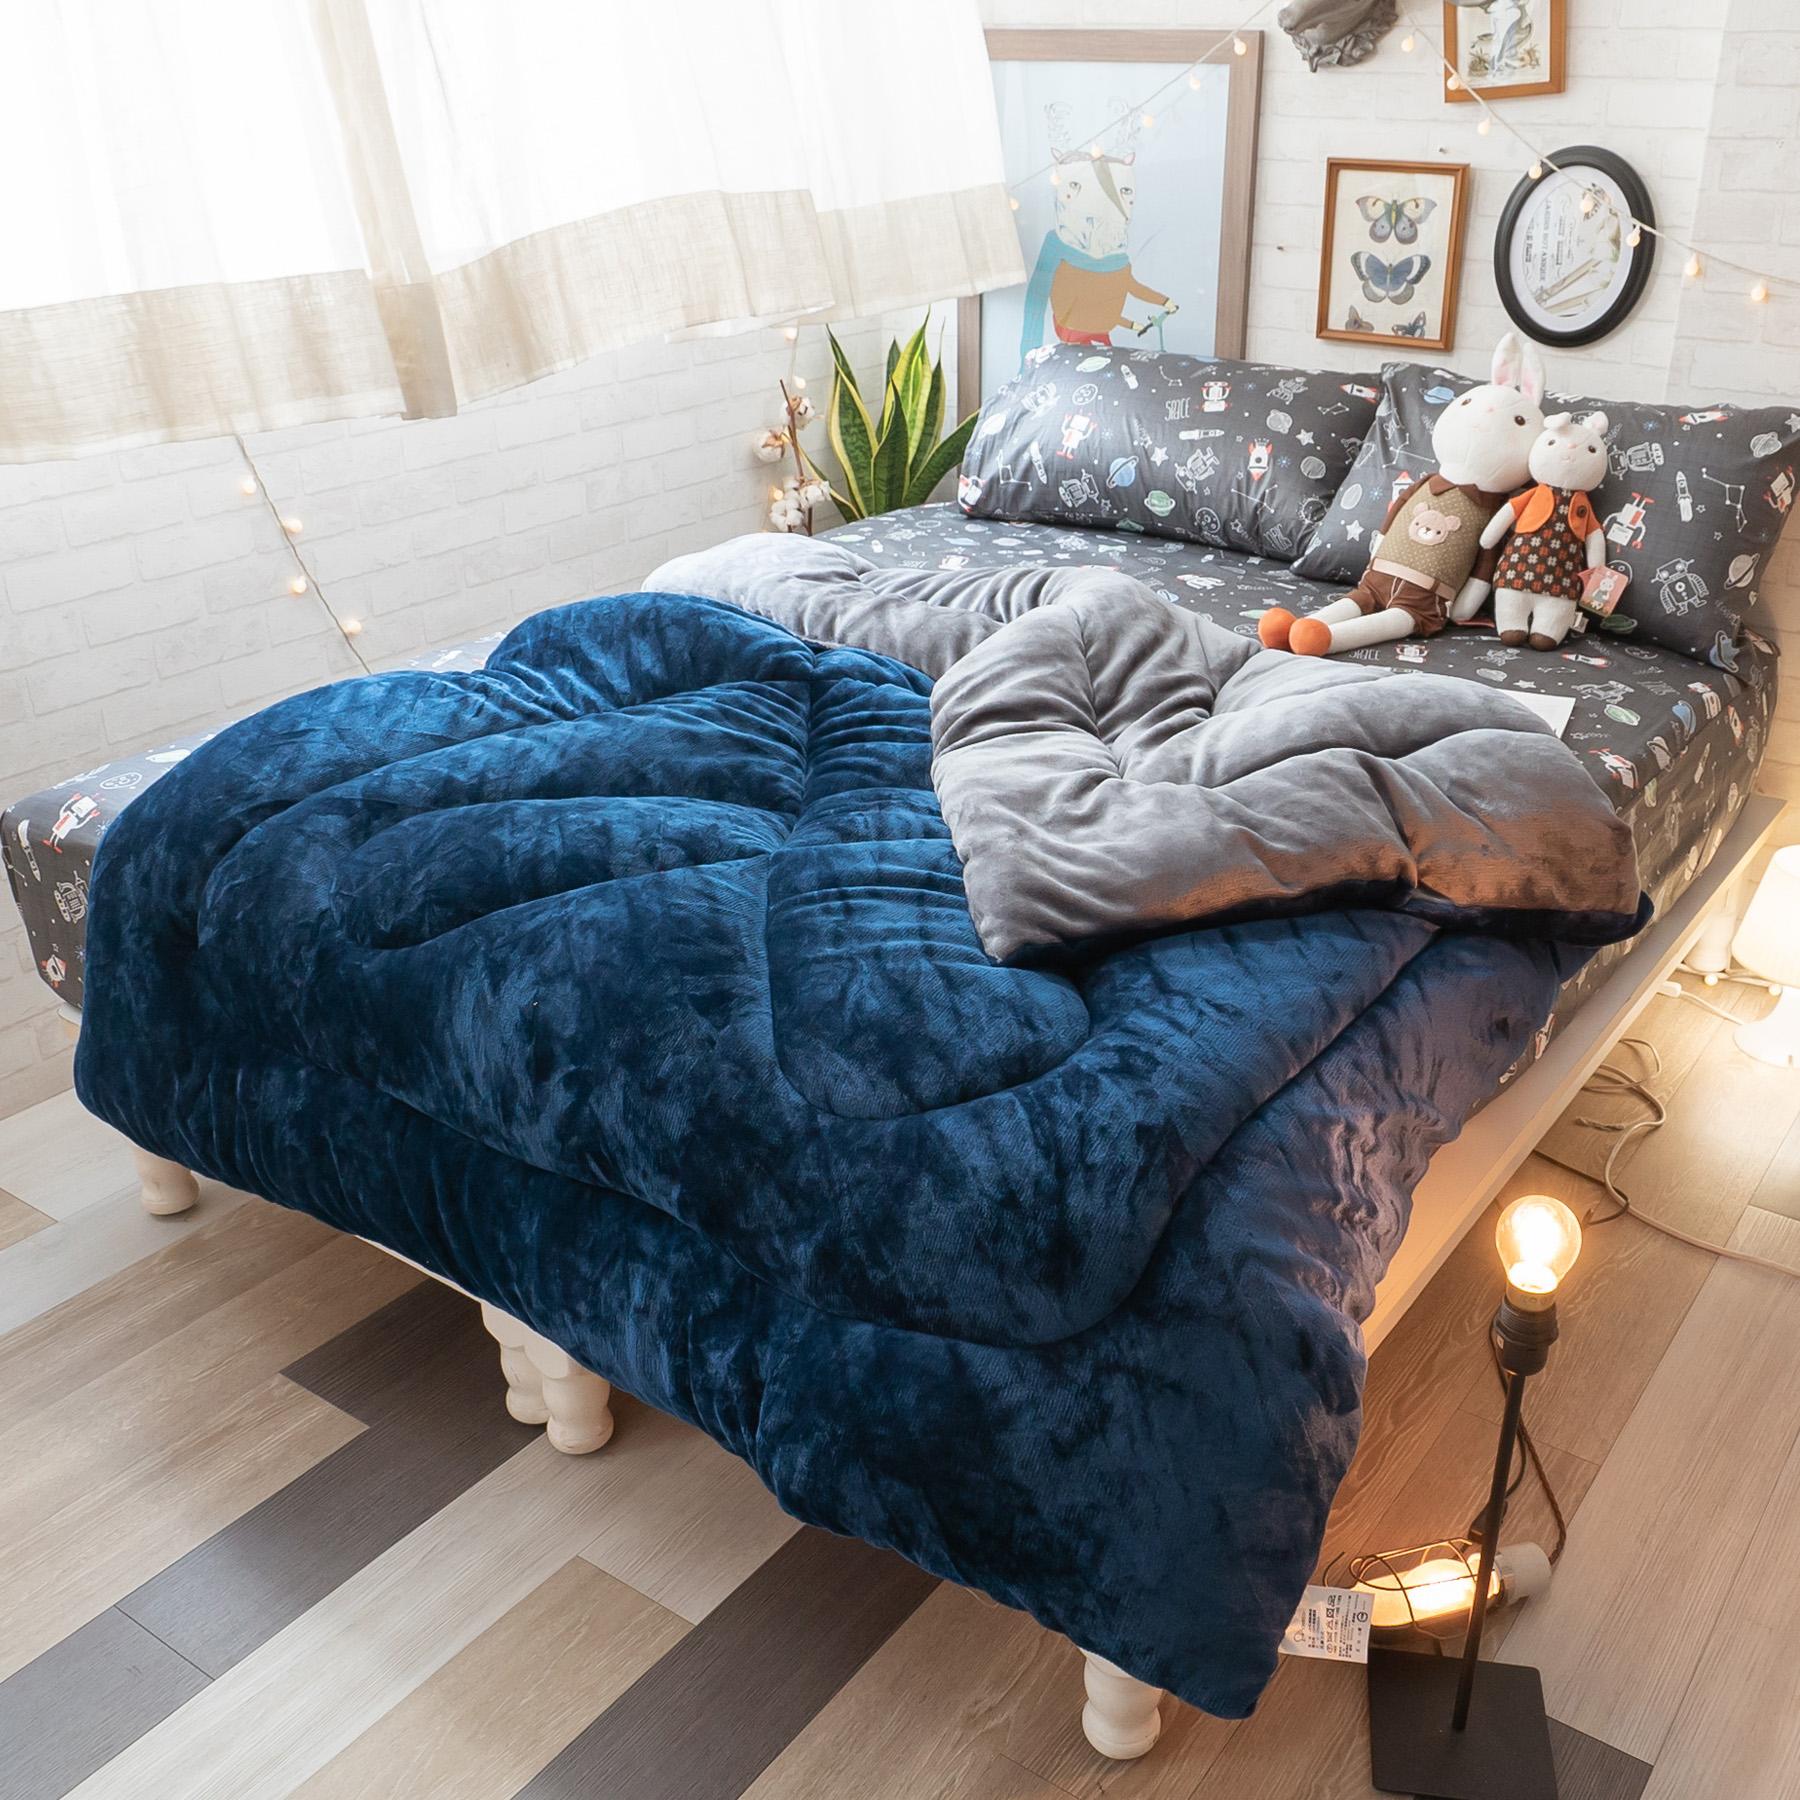 〔雙面〕法蘭絨暖被 - 湛藍銀河灰,內有充棉 溫暖舒適 150cmX195cm (正負5cm) 總重約1.8kg 台灣製【棉床本舖】